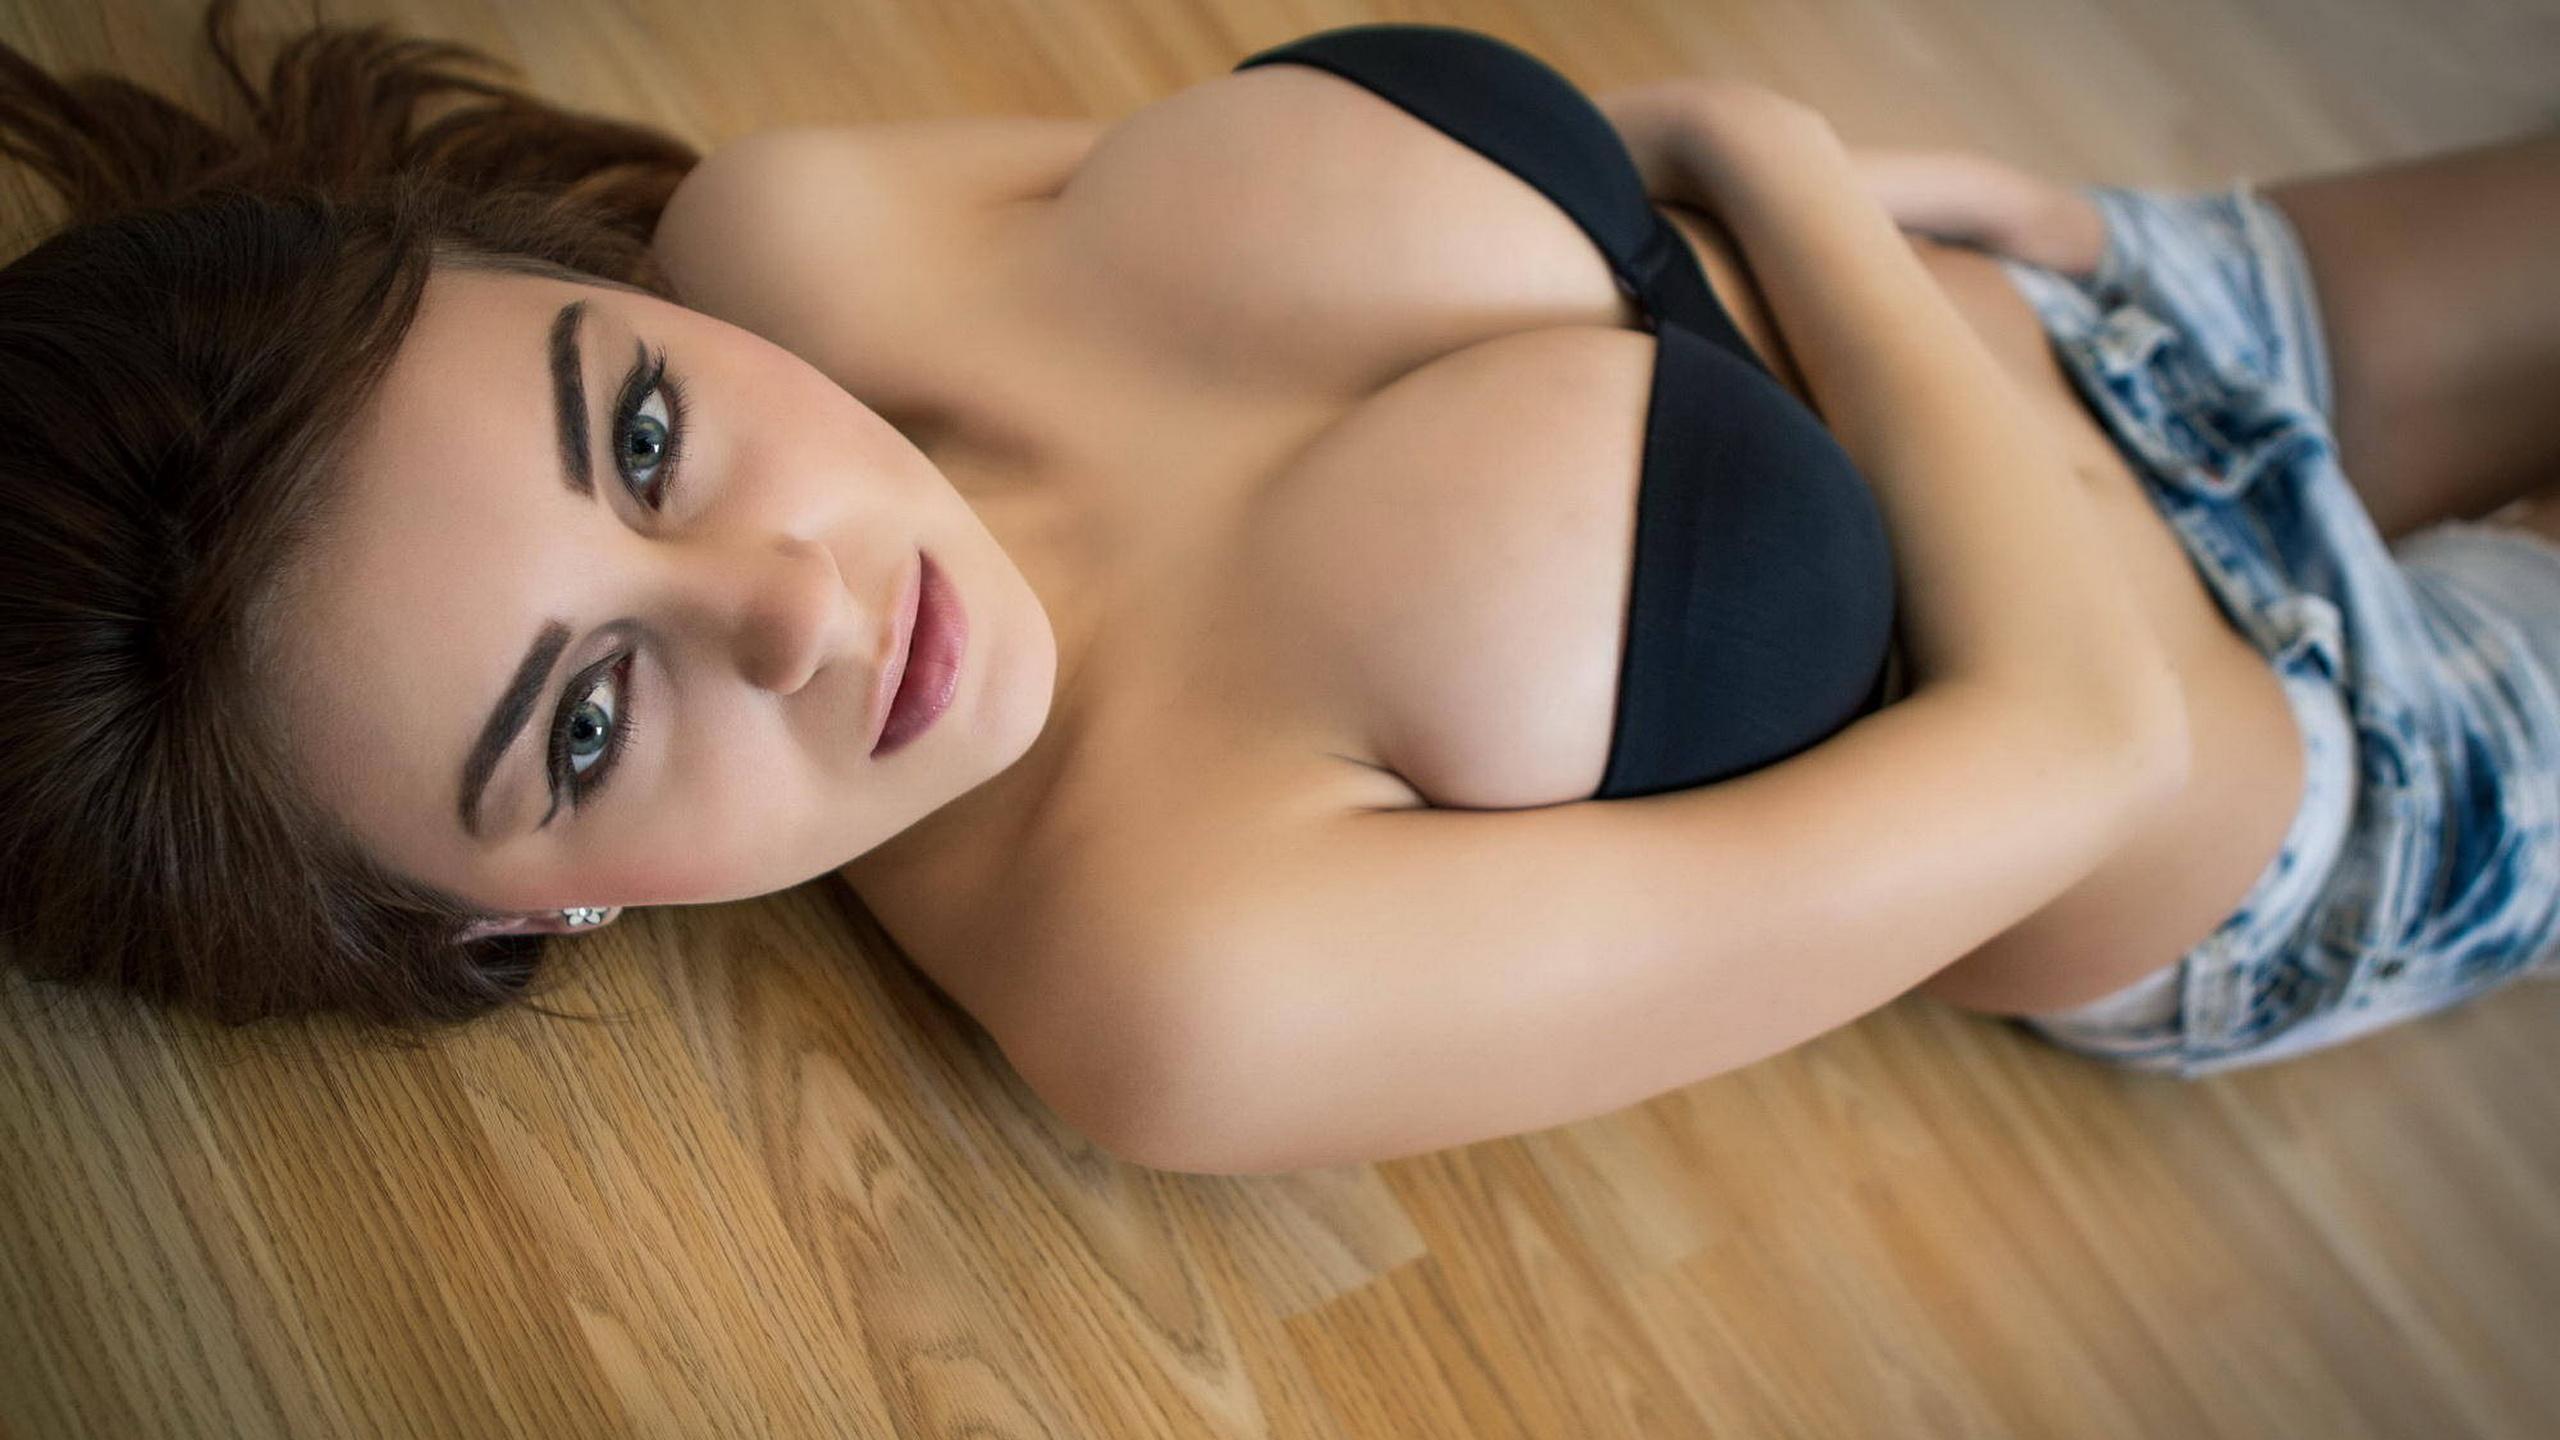 Сиськи круглые девчонок, круглые сиськи » Эротика онлайн, HD видео красивых 1 фотография